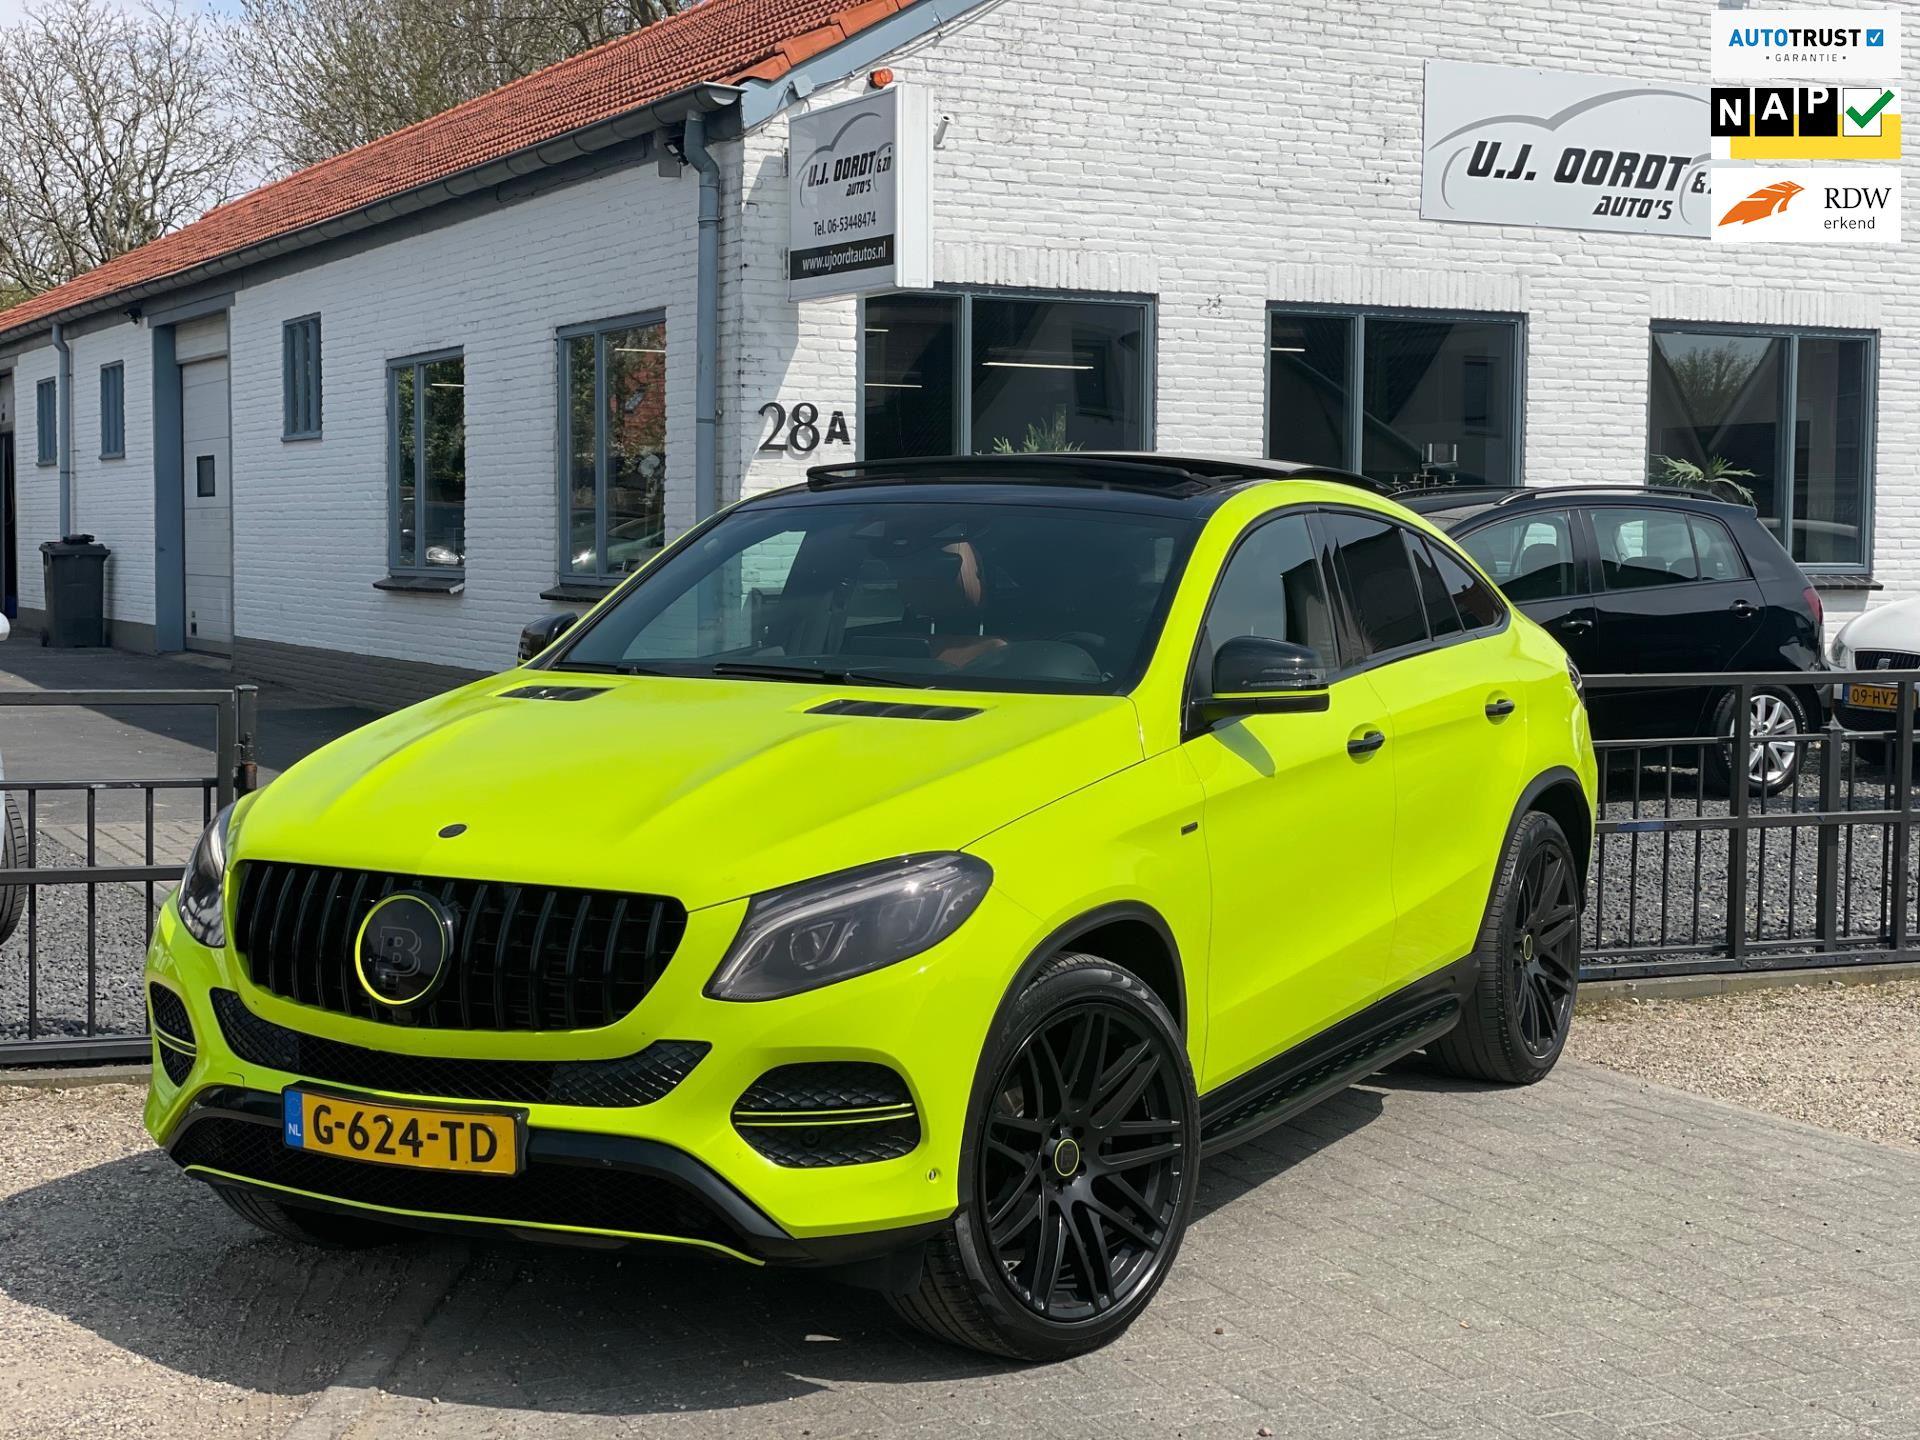 Mercedes-Benz GLE-klasse Coupé occasion - U.J. Oordt Auto's